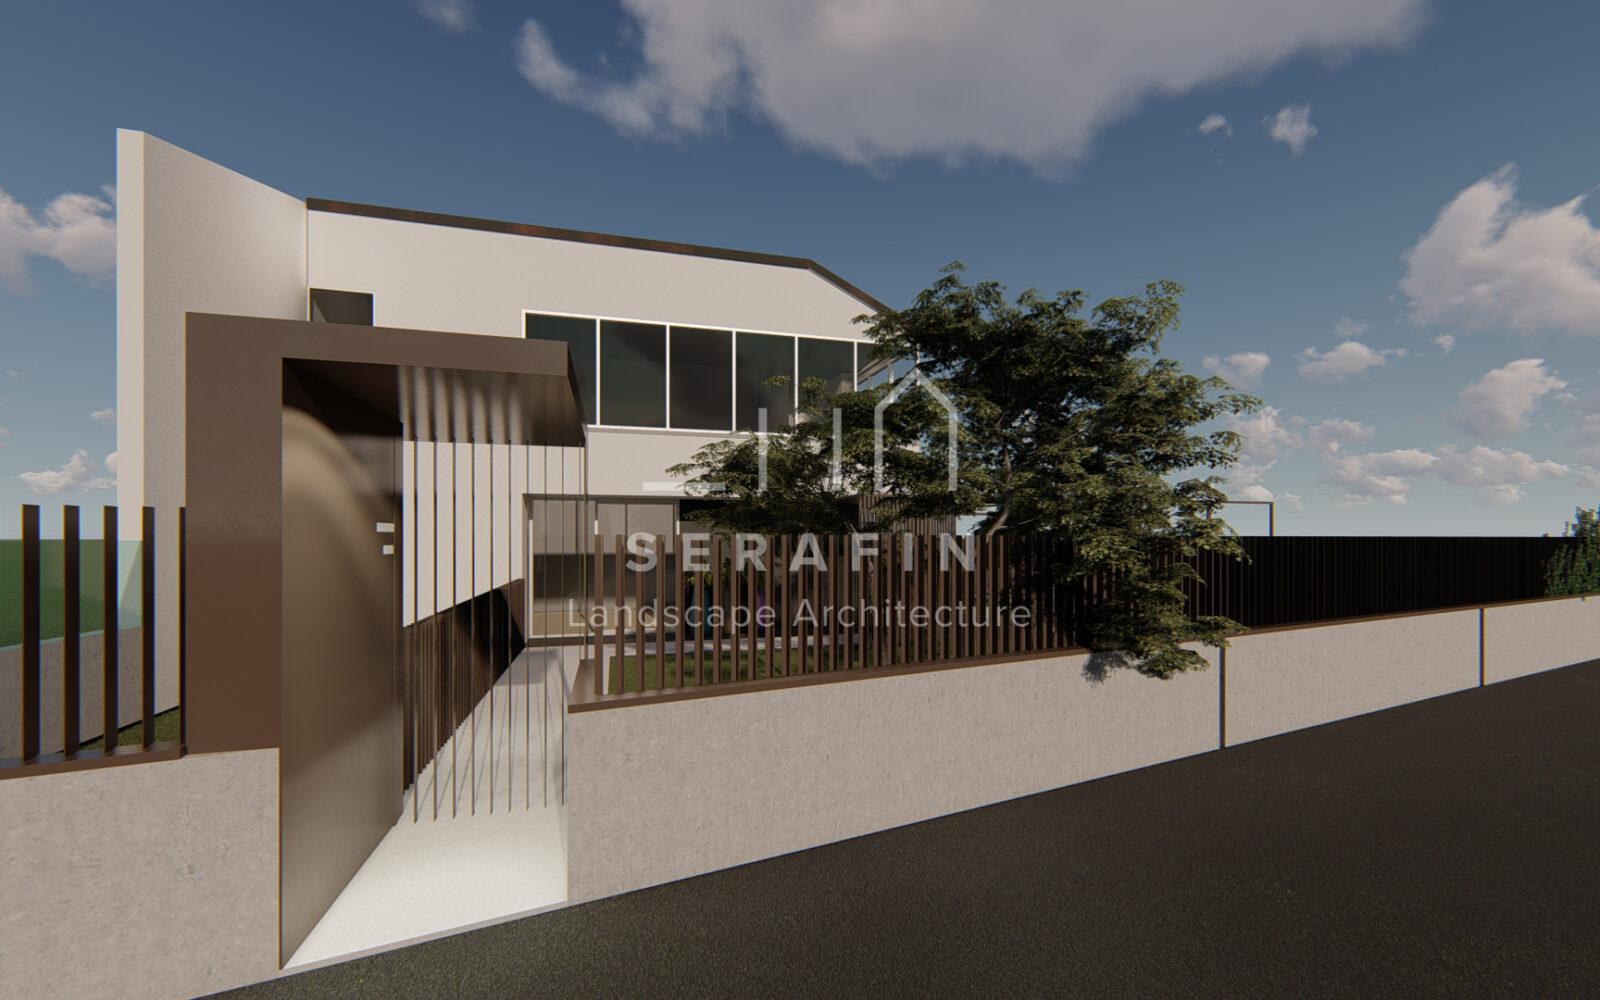 progettazione di un giardino privato a Sacile - 2